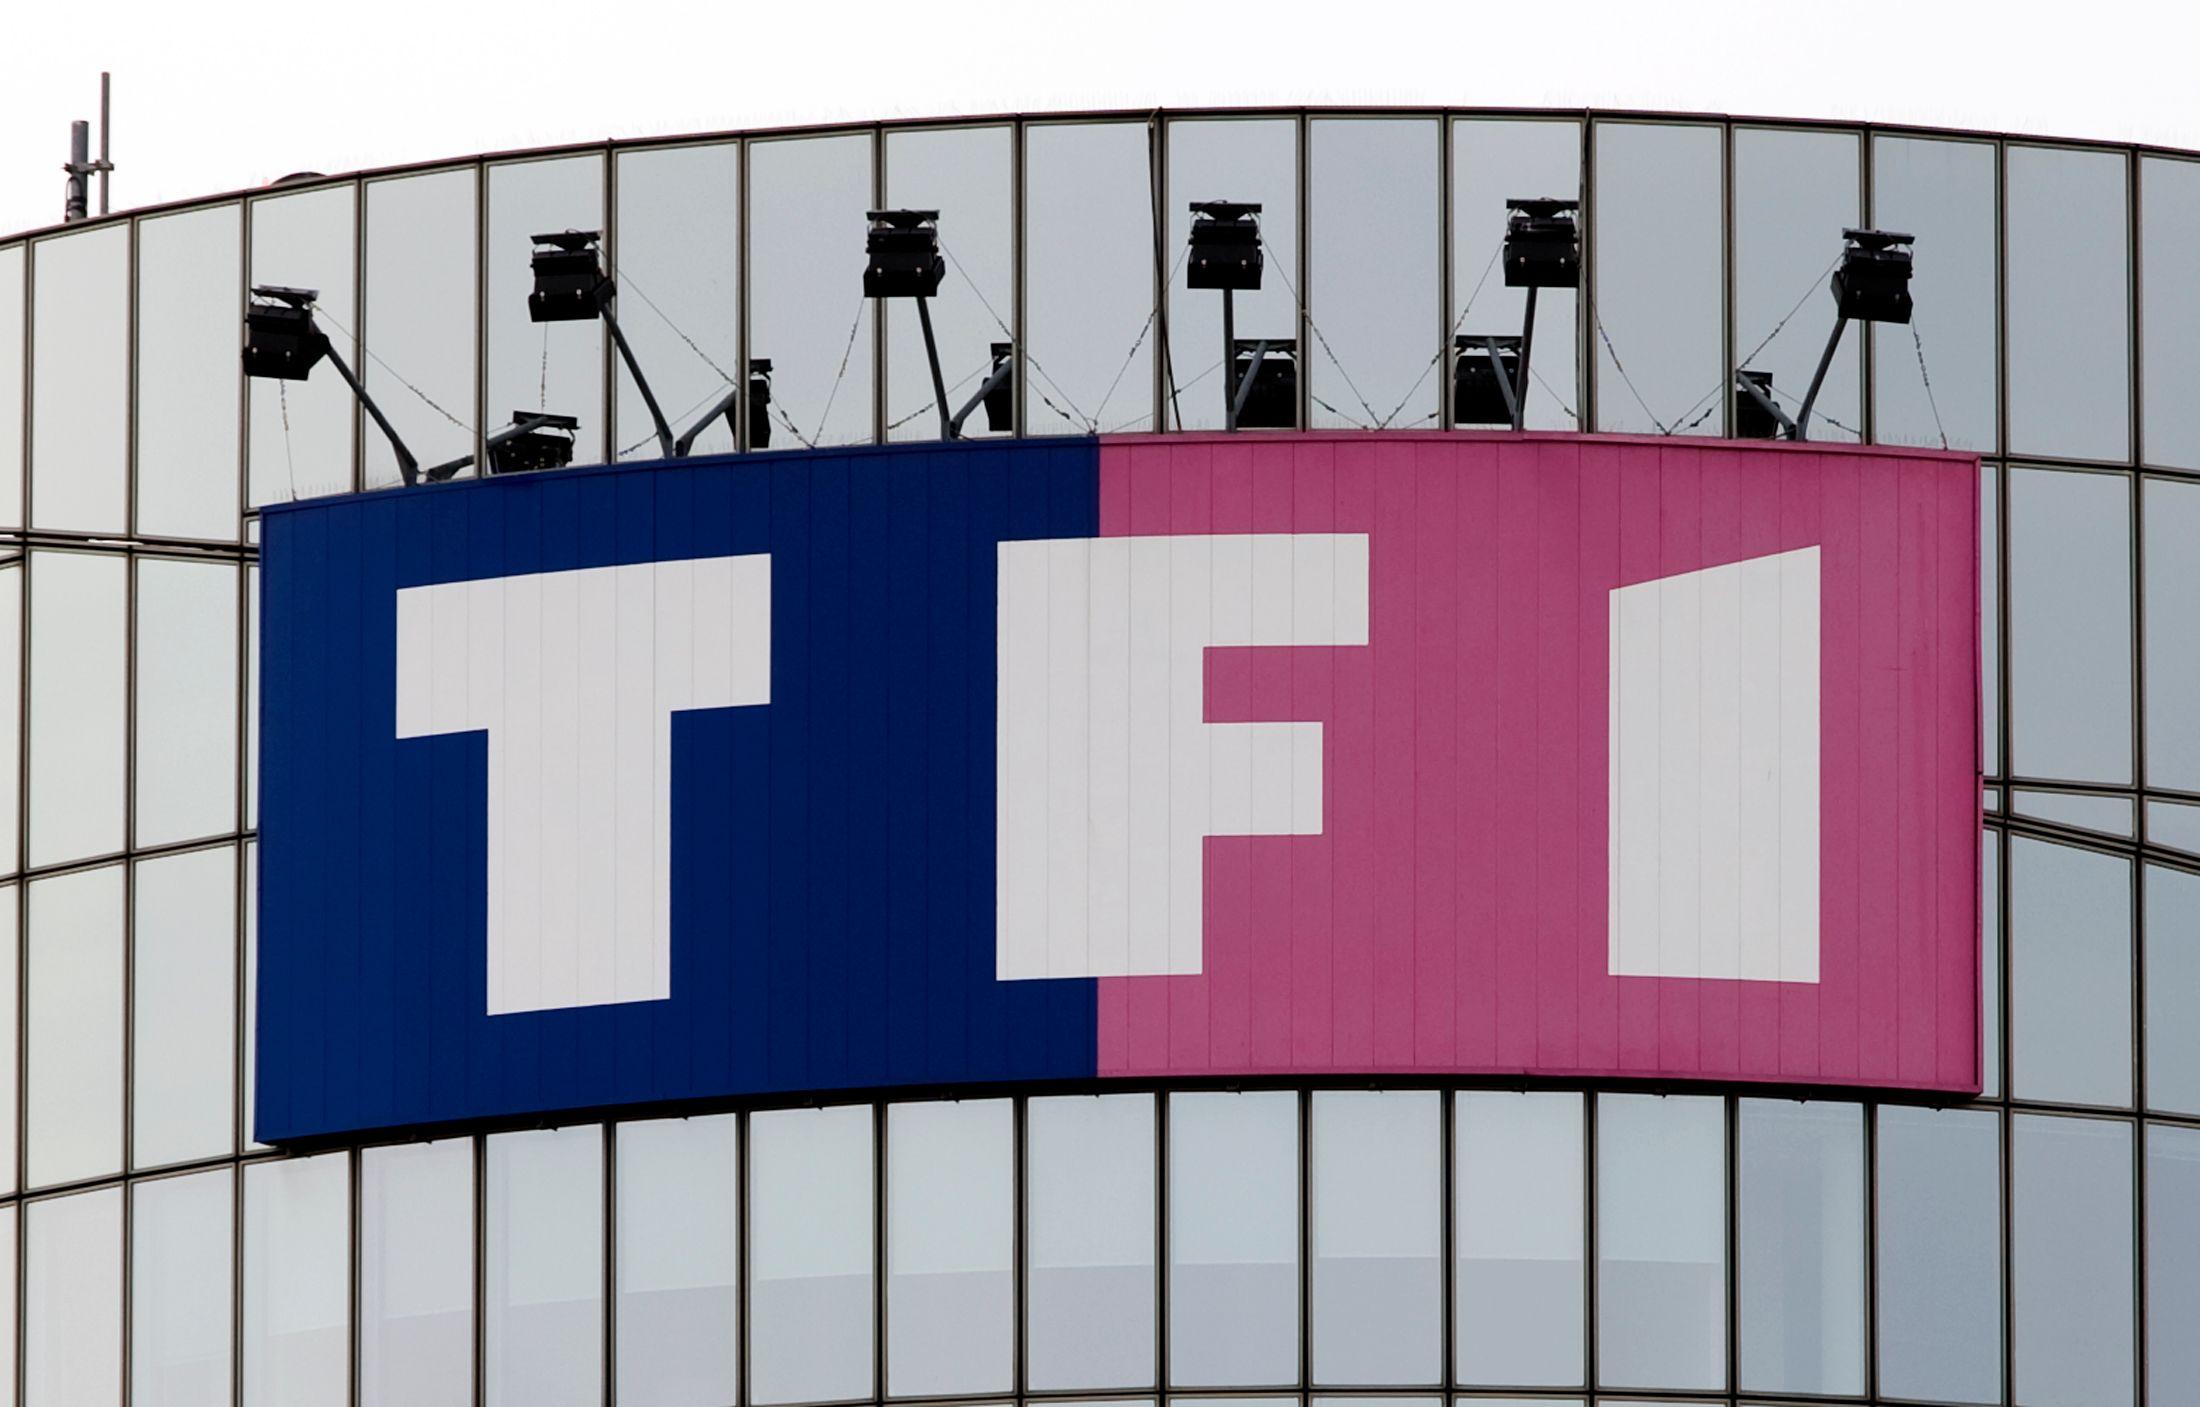 TF1 a mal géré le dossier de la gratuité de la chaîne LCI.